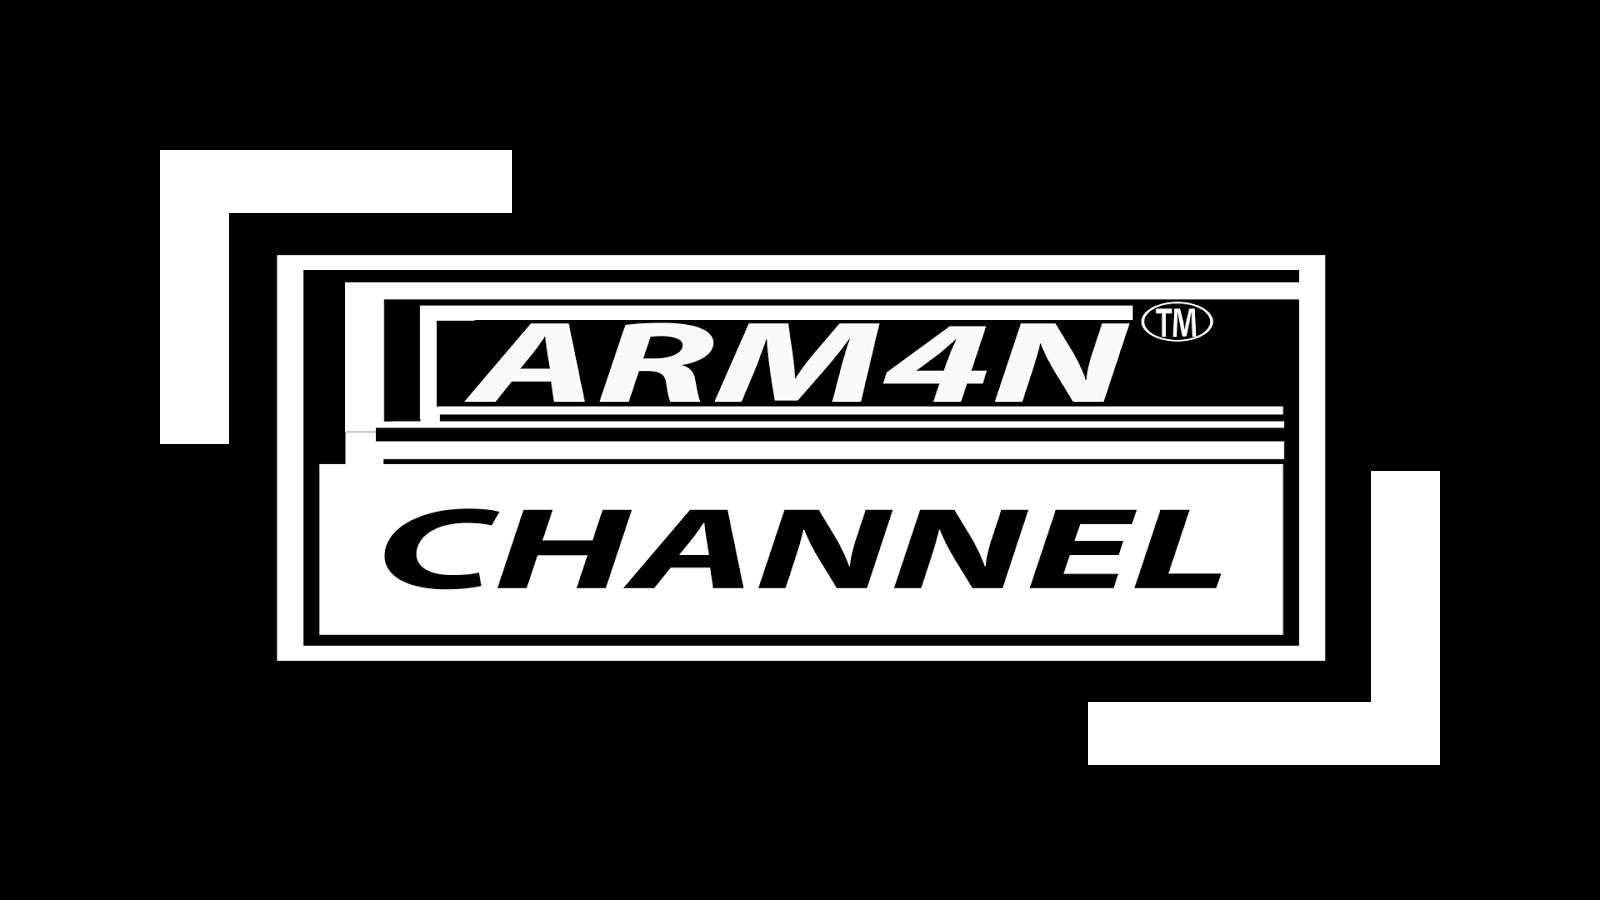 Arm4n TM